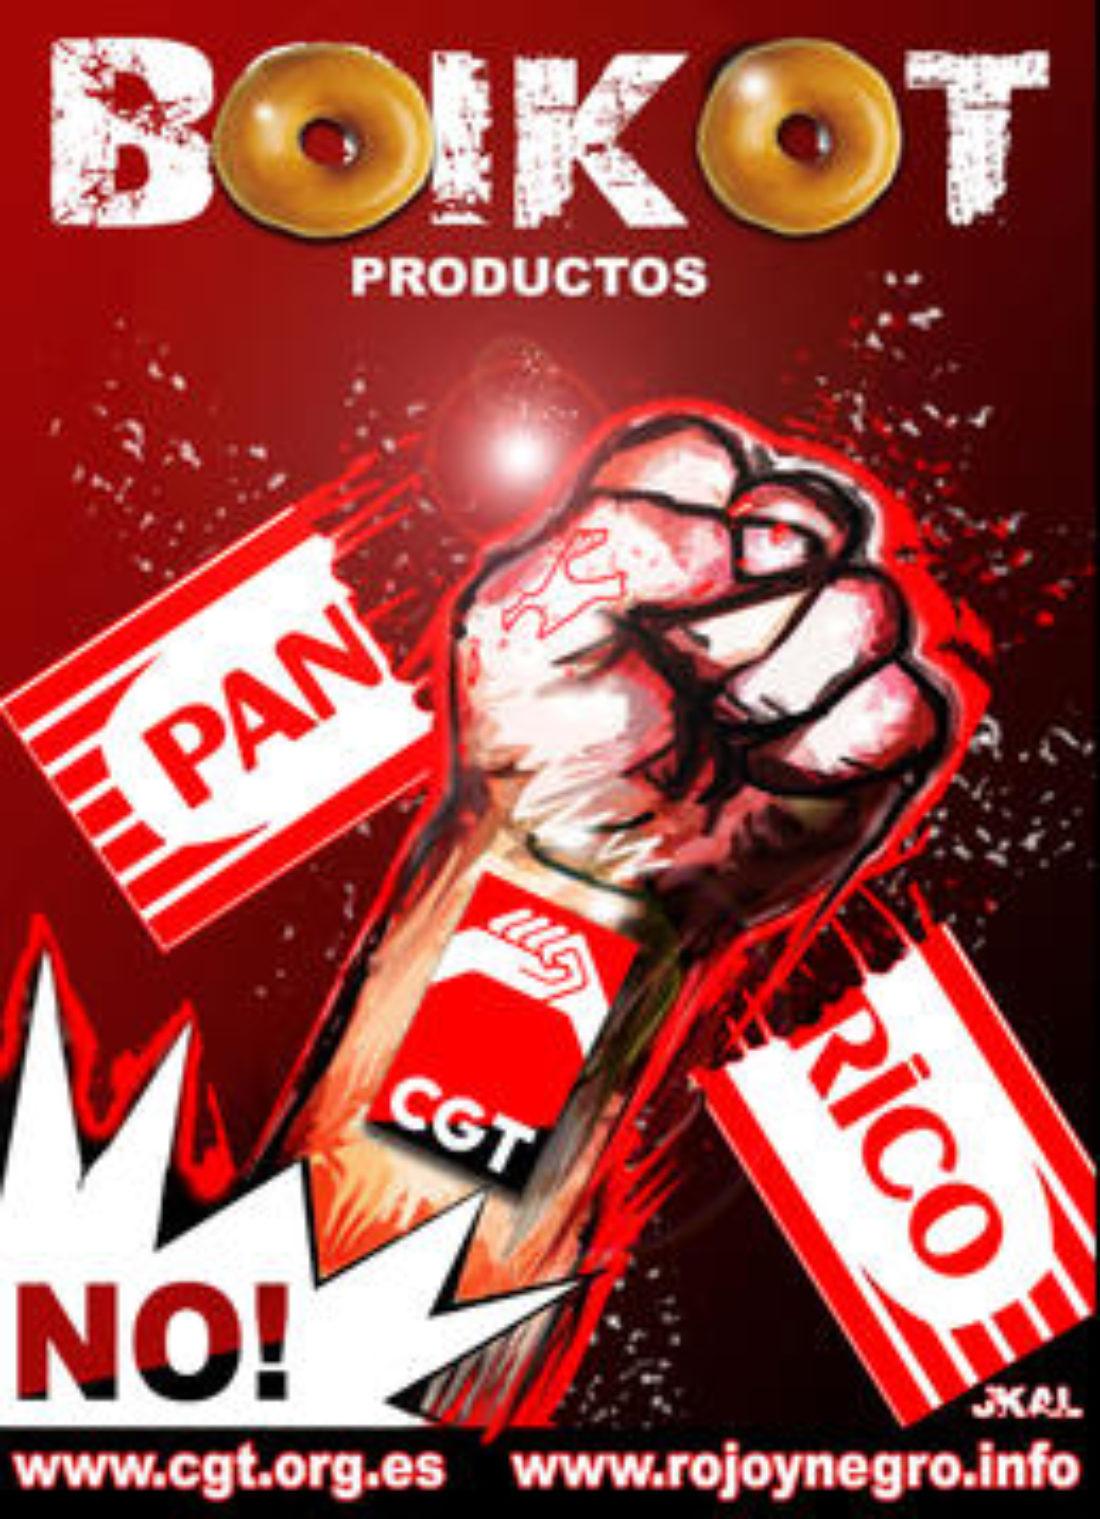 Jornadas de apoyo a Panrico. CGT pide el BOIKOT a los productos  Panrico-La Bella Easo